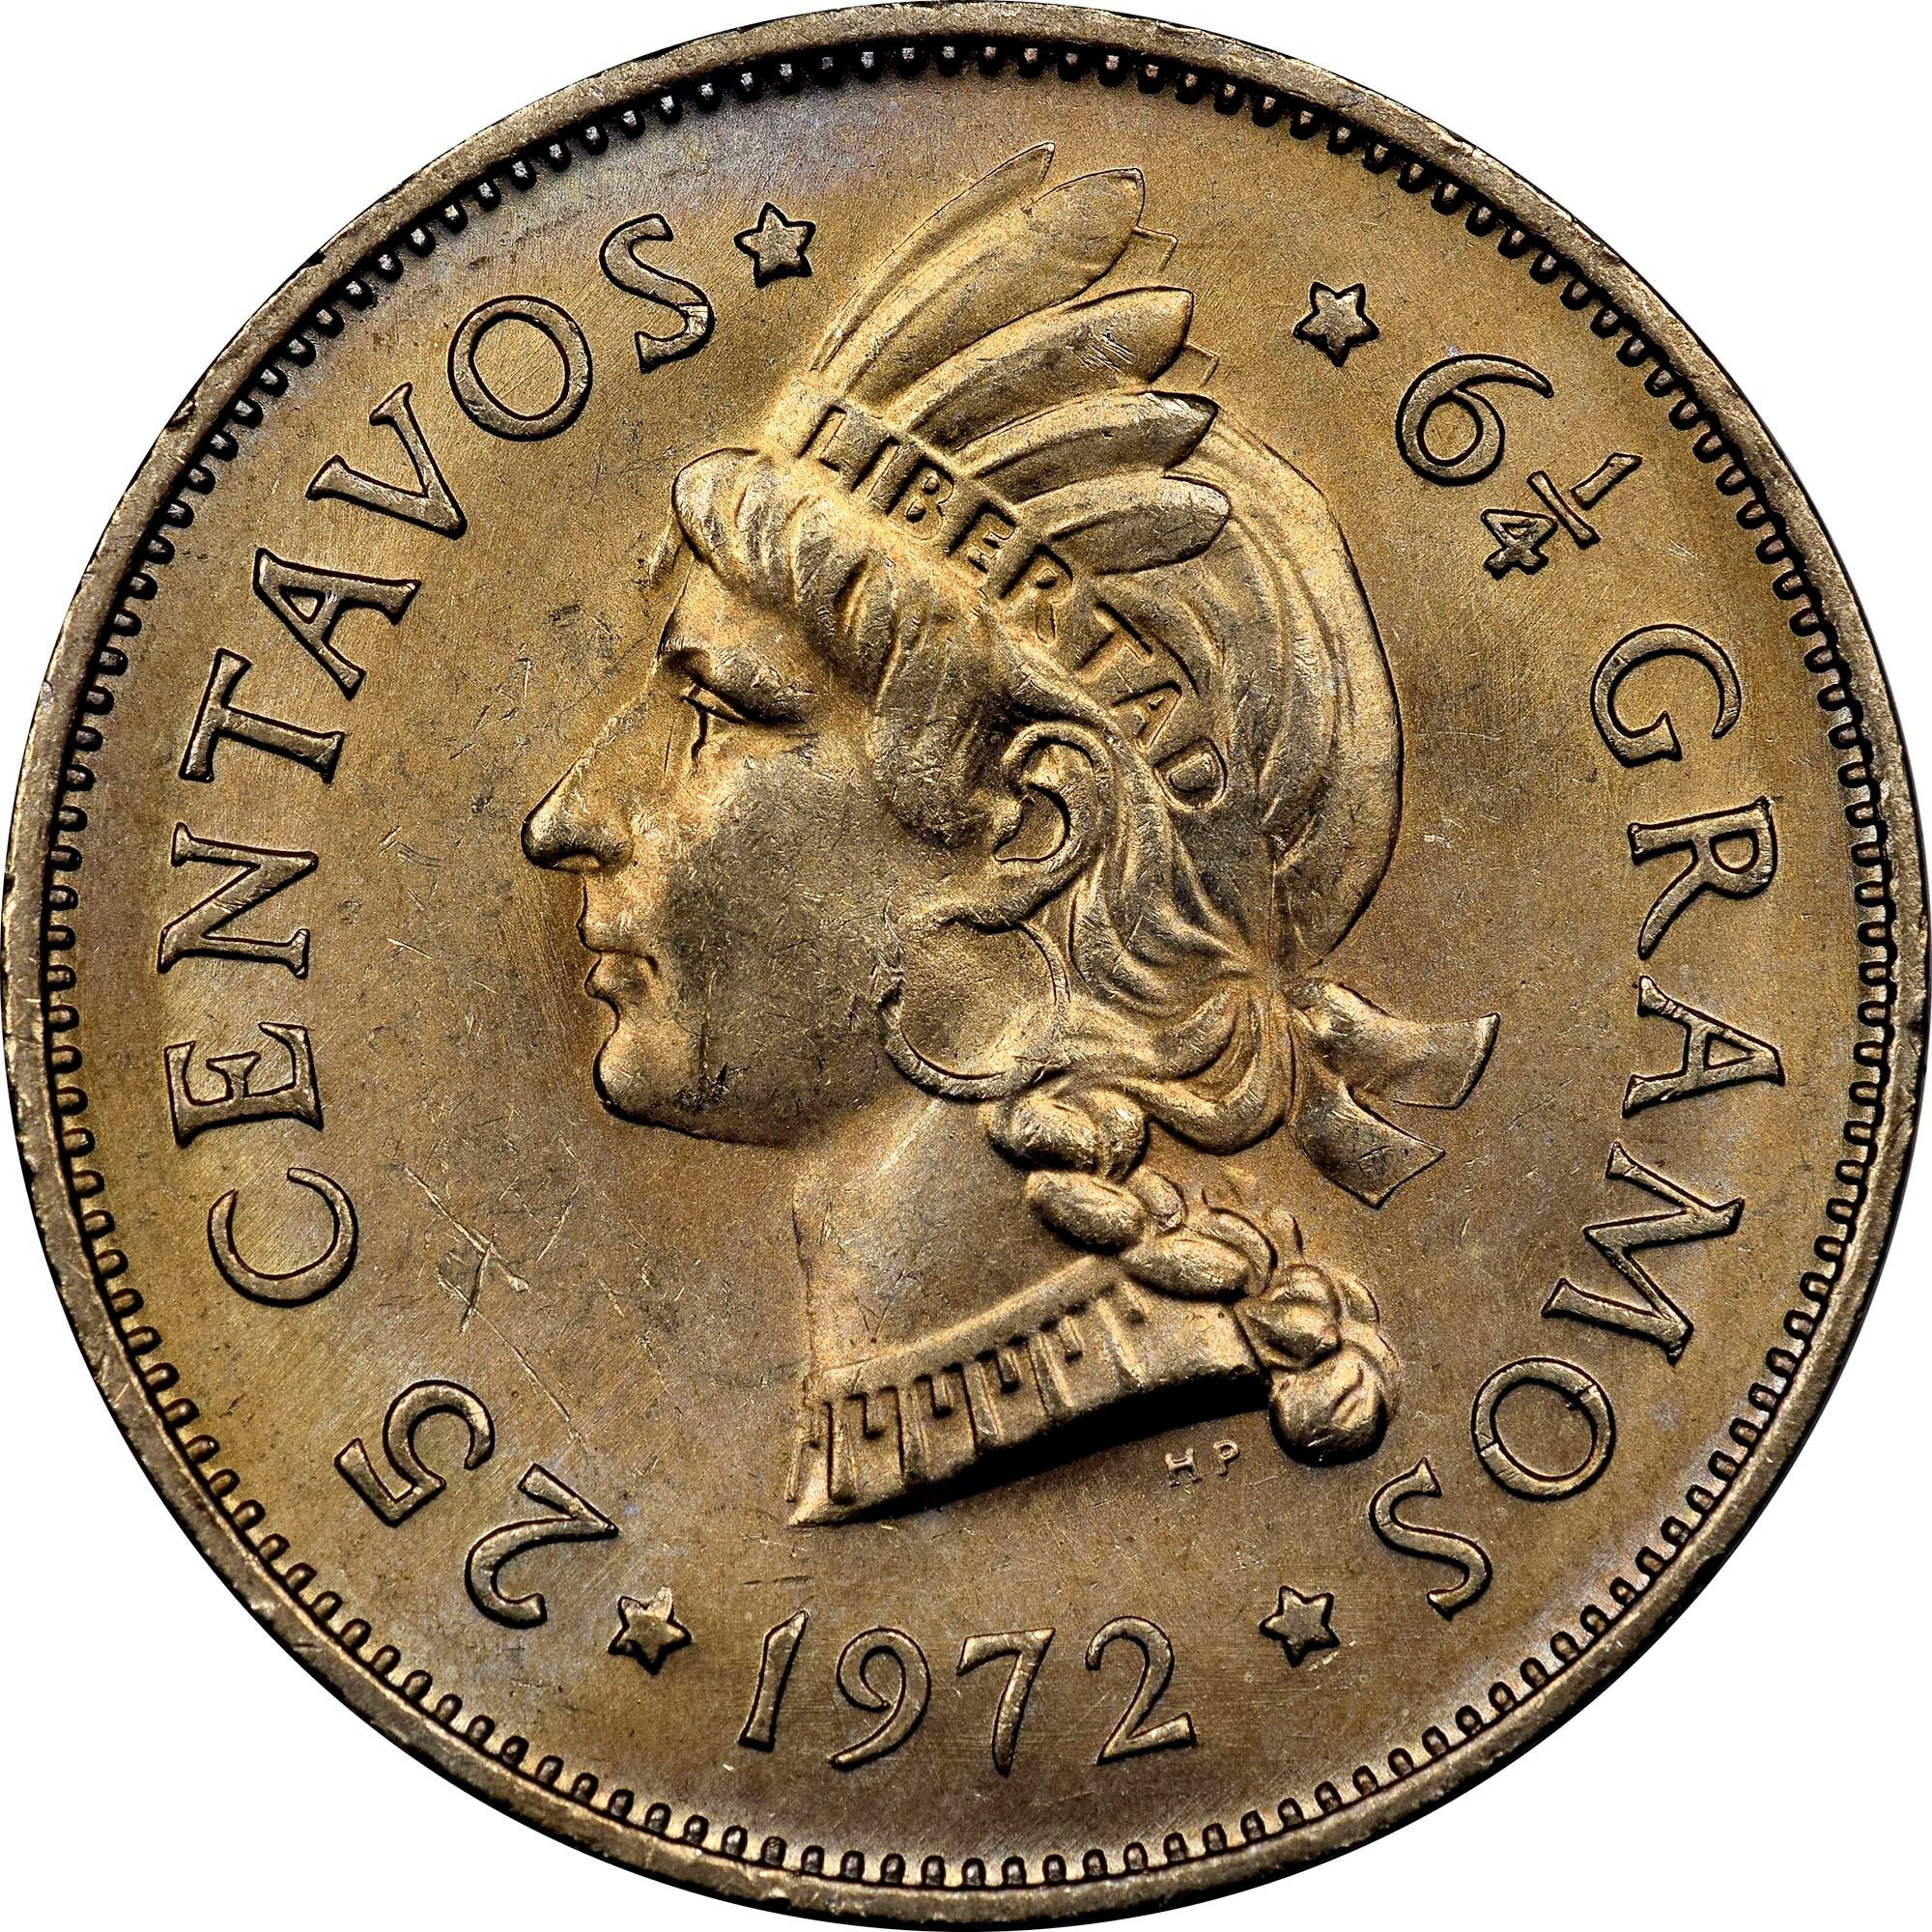 Dominican Republic 25 Centavos reverse